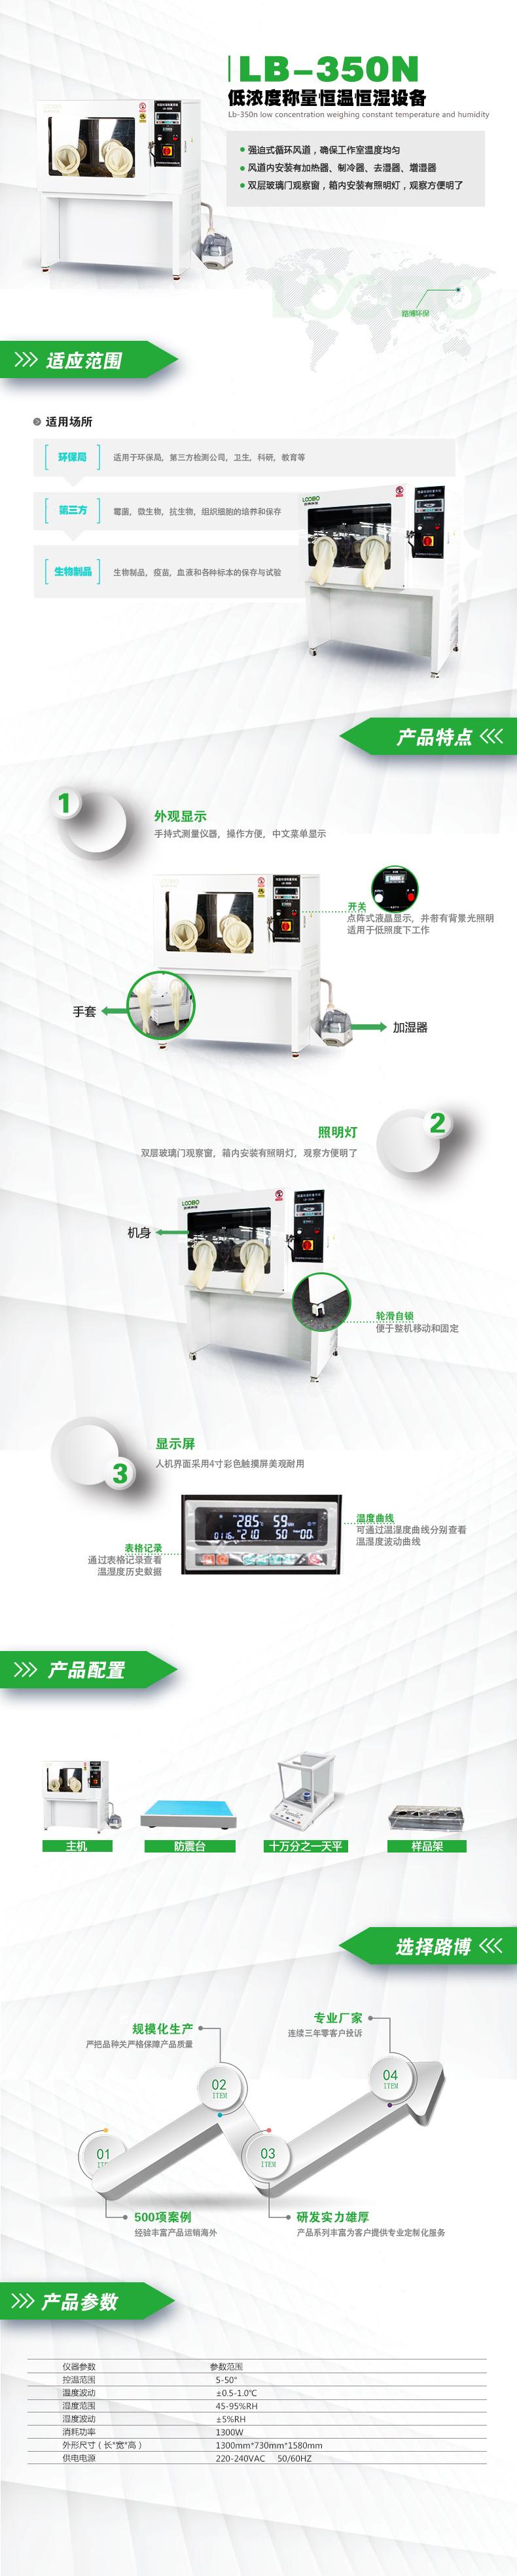 LB-350N低浓度称量恒温恒湿设备.jpg